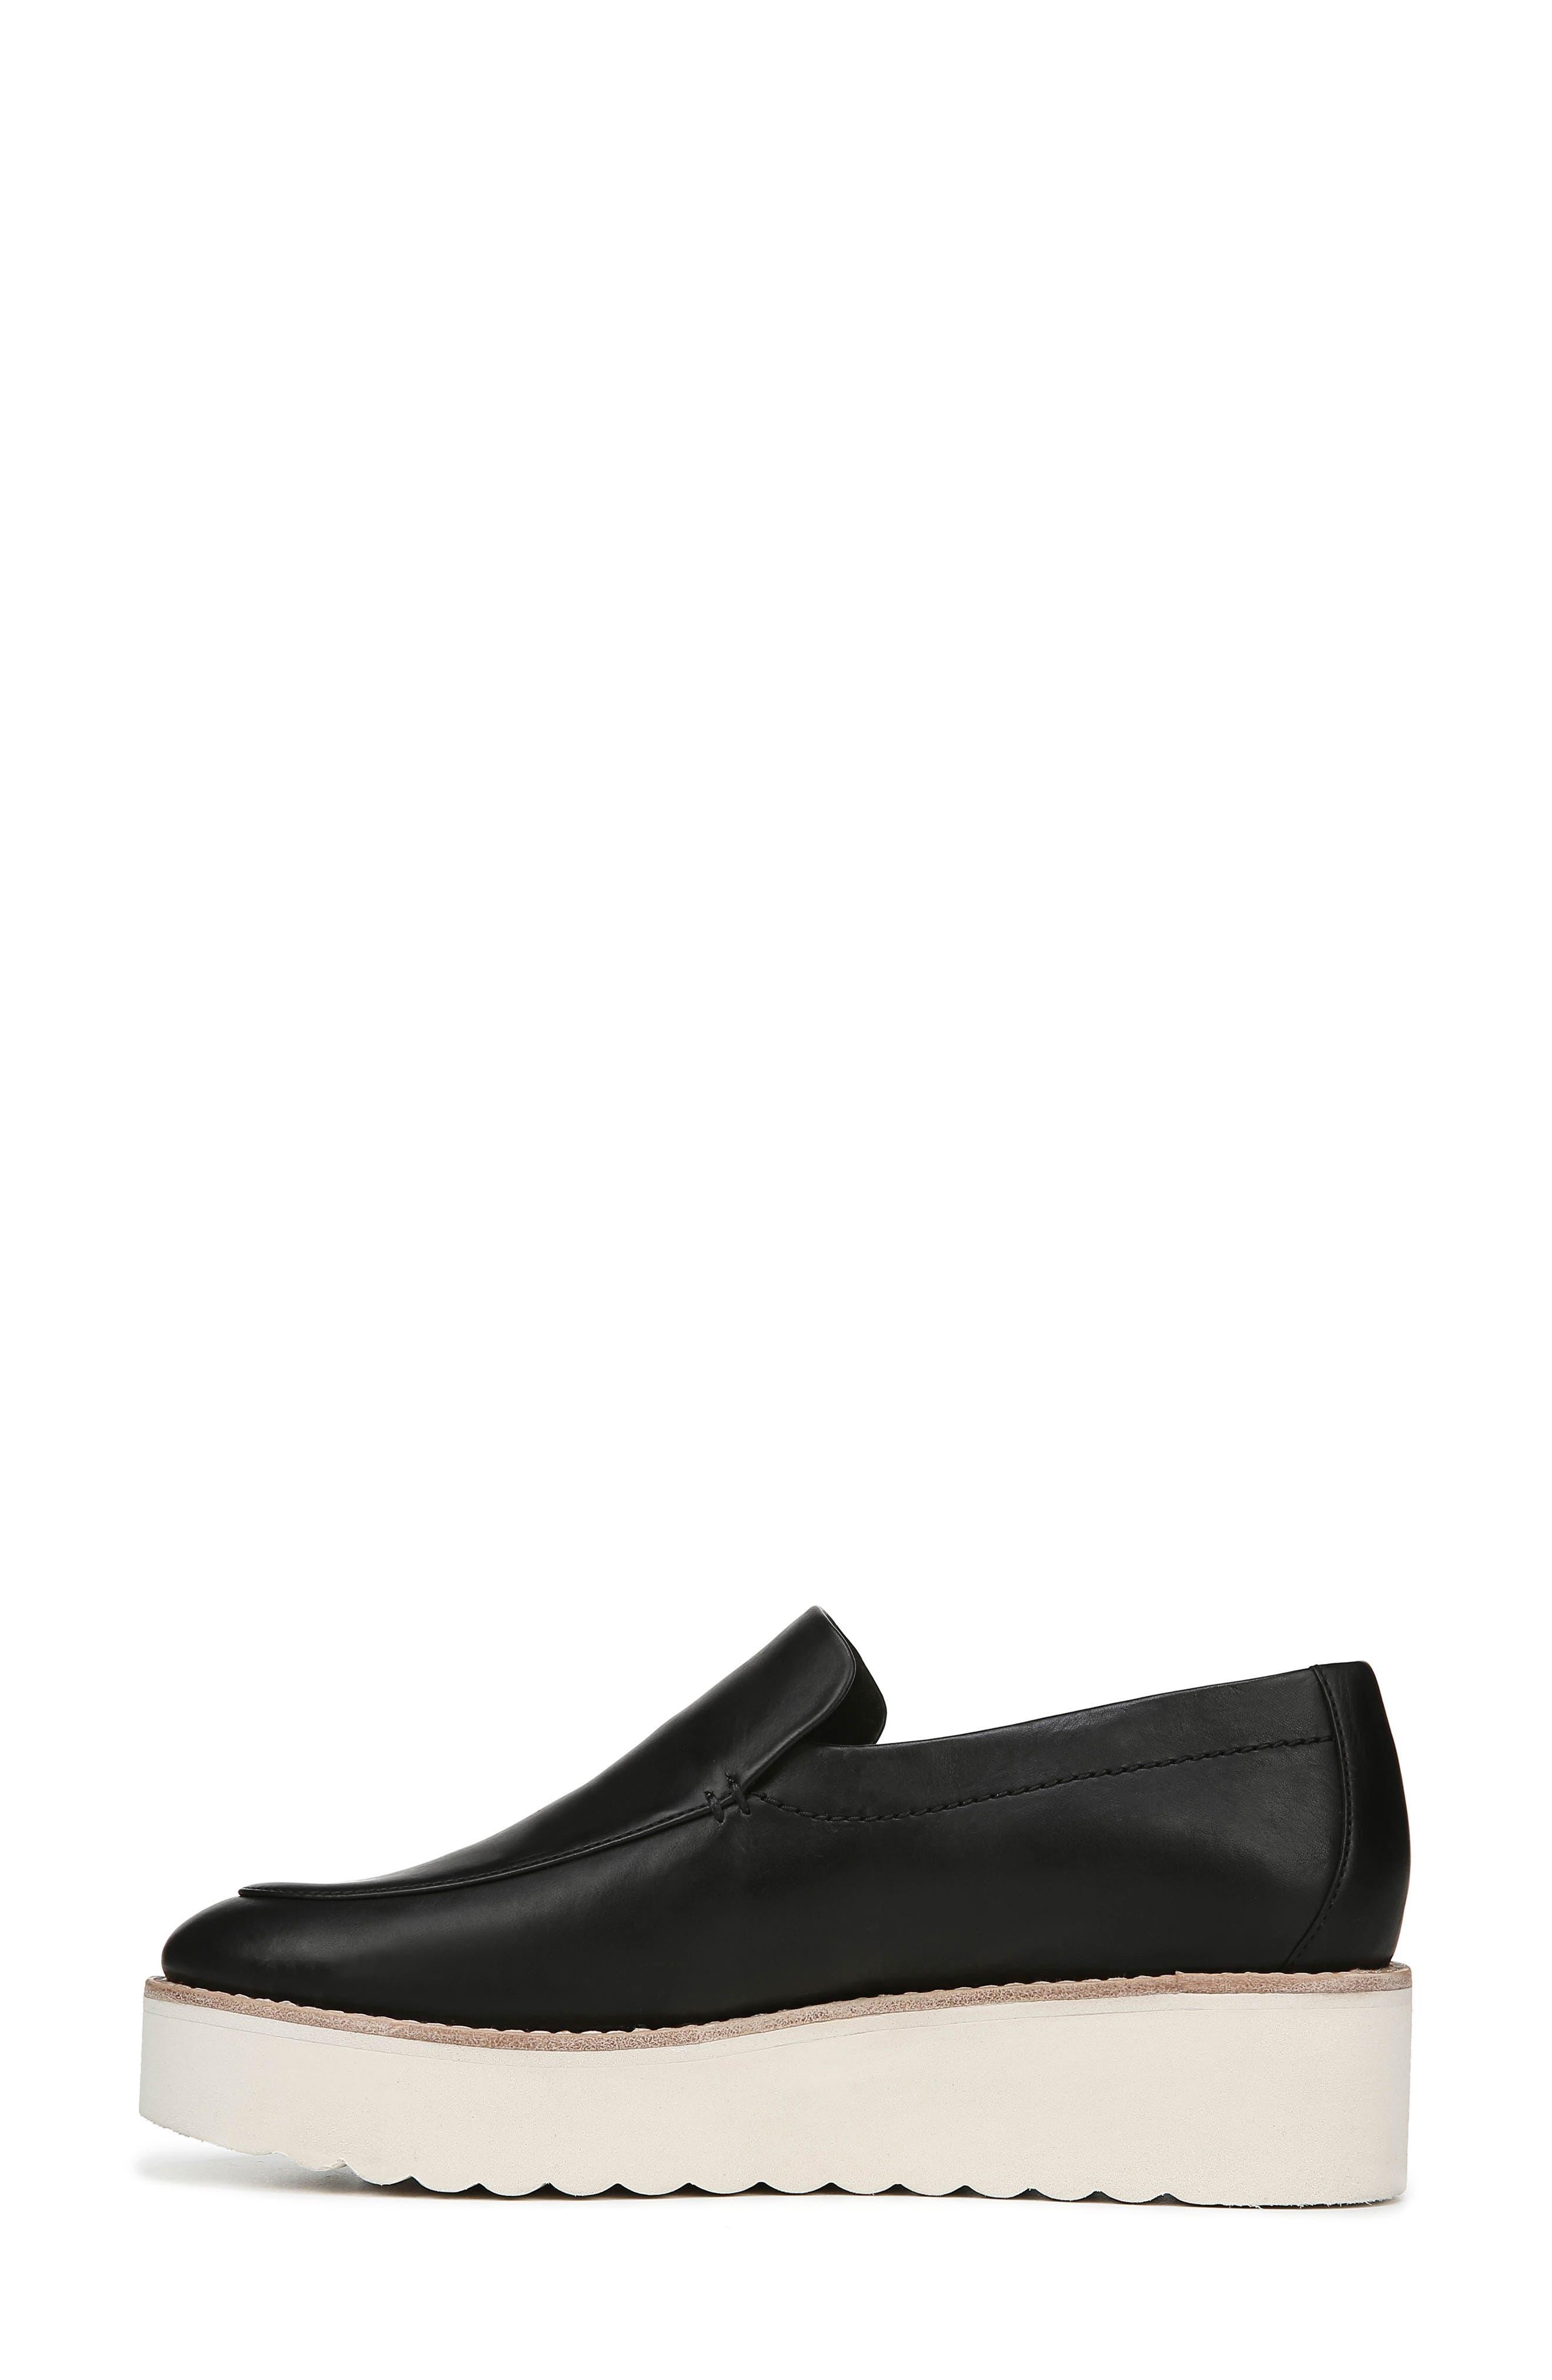 Zeta Platform Loafer,                             Alternate thumbnail 9, color,                             BLACK FOULARD LEATHER